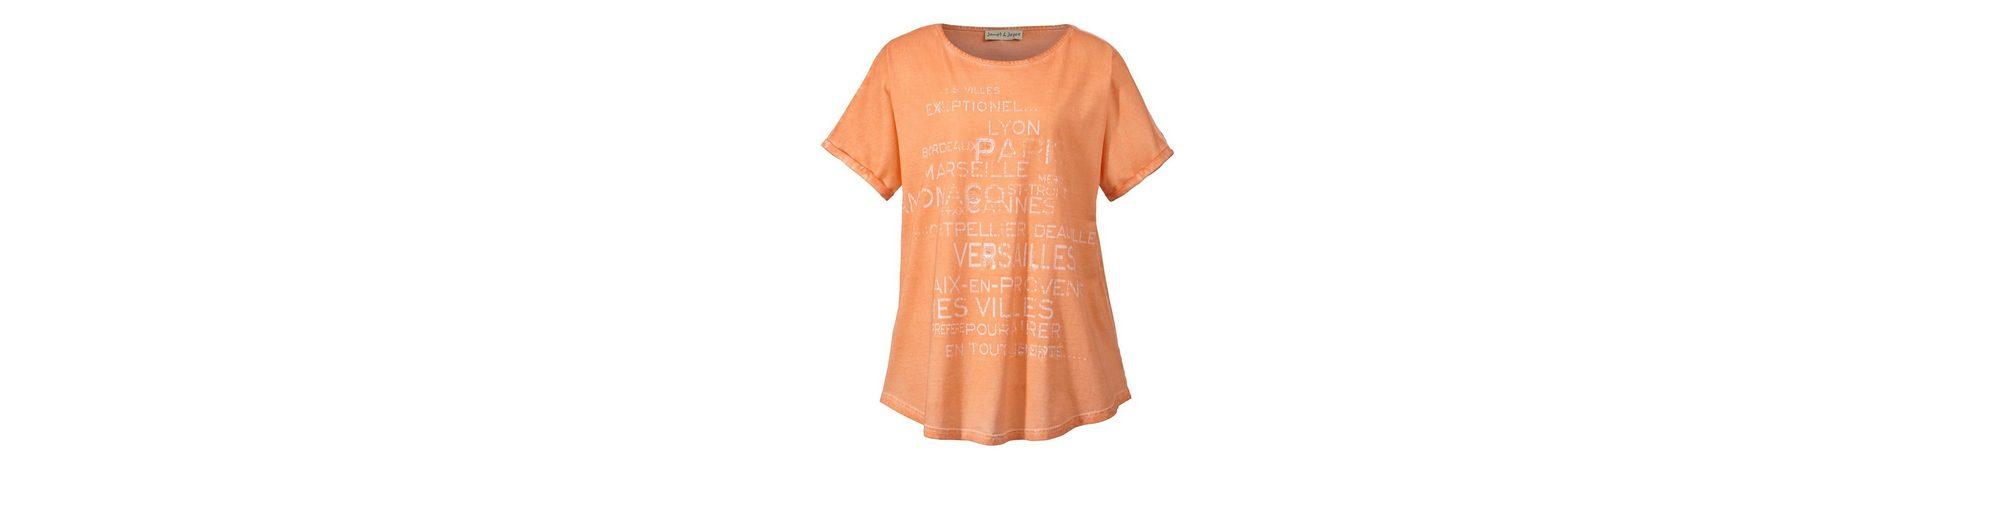 Spielraum Sammlungen Besuchen Neue Janet und Joyce by Happy Size Shirt oil wash Günstiger Online-Shop Verkaufen Kaufen eAtzt3Xsm